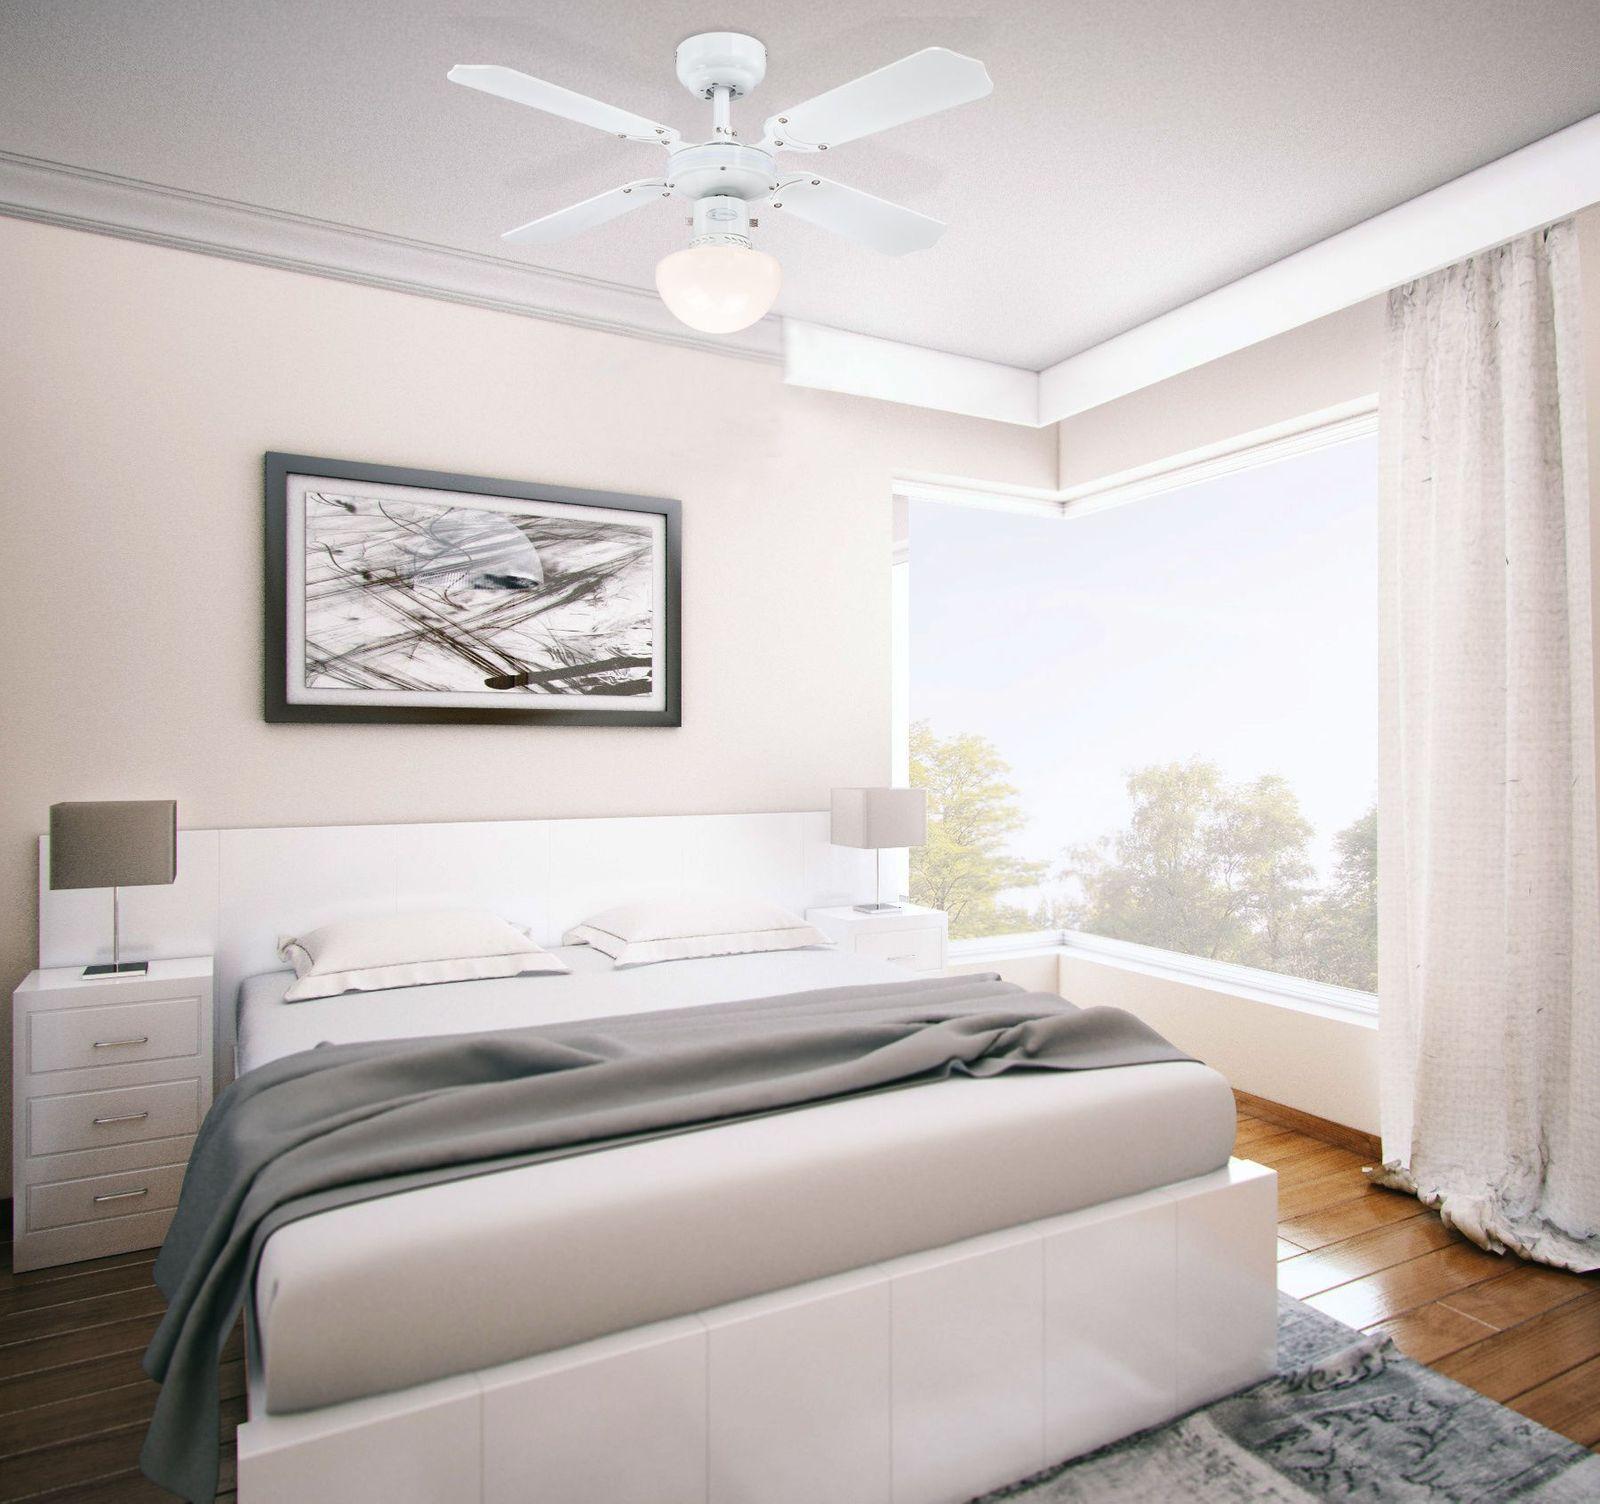 deckenl fter westinghouse portland ambiance kleine r ume. Black Bedroom Furniture Sets. Home Design Ideas